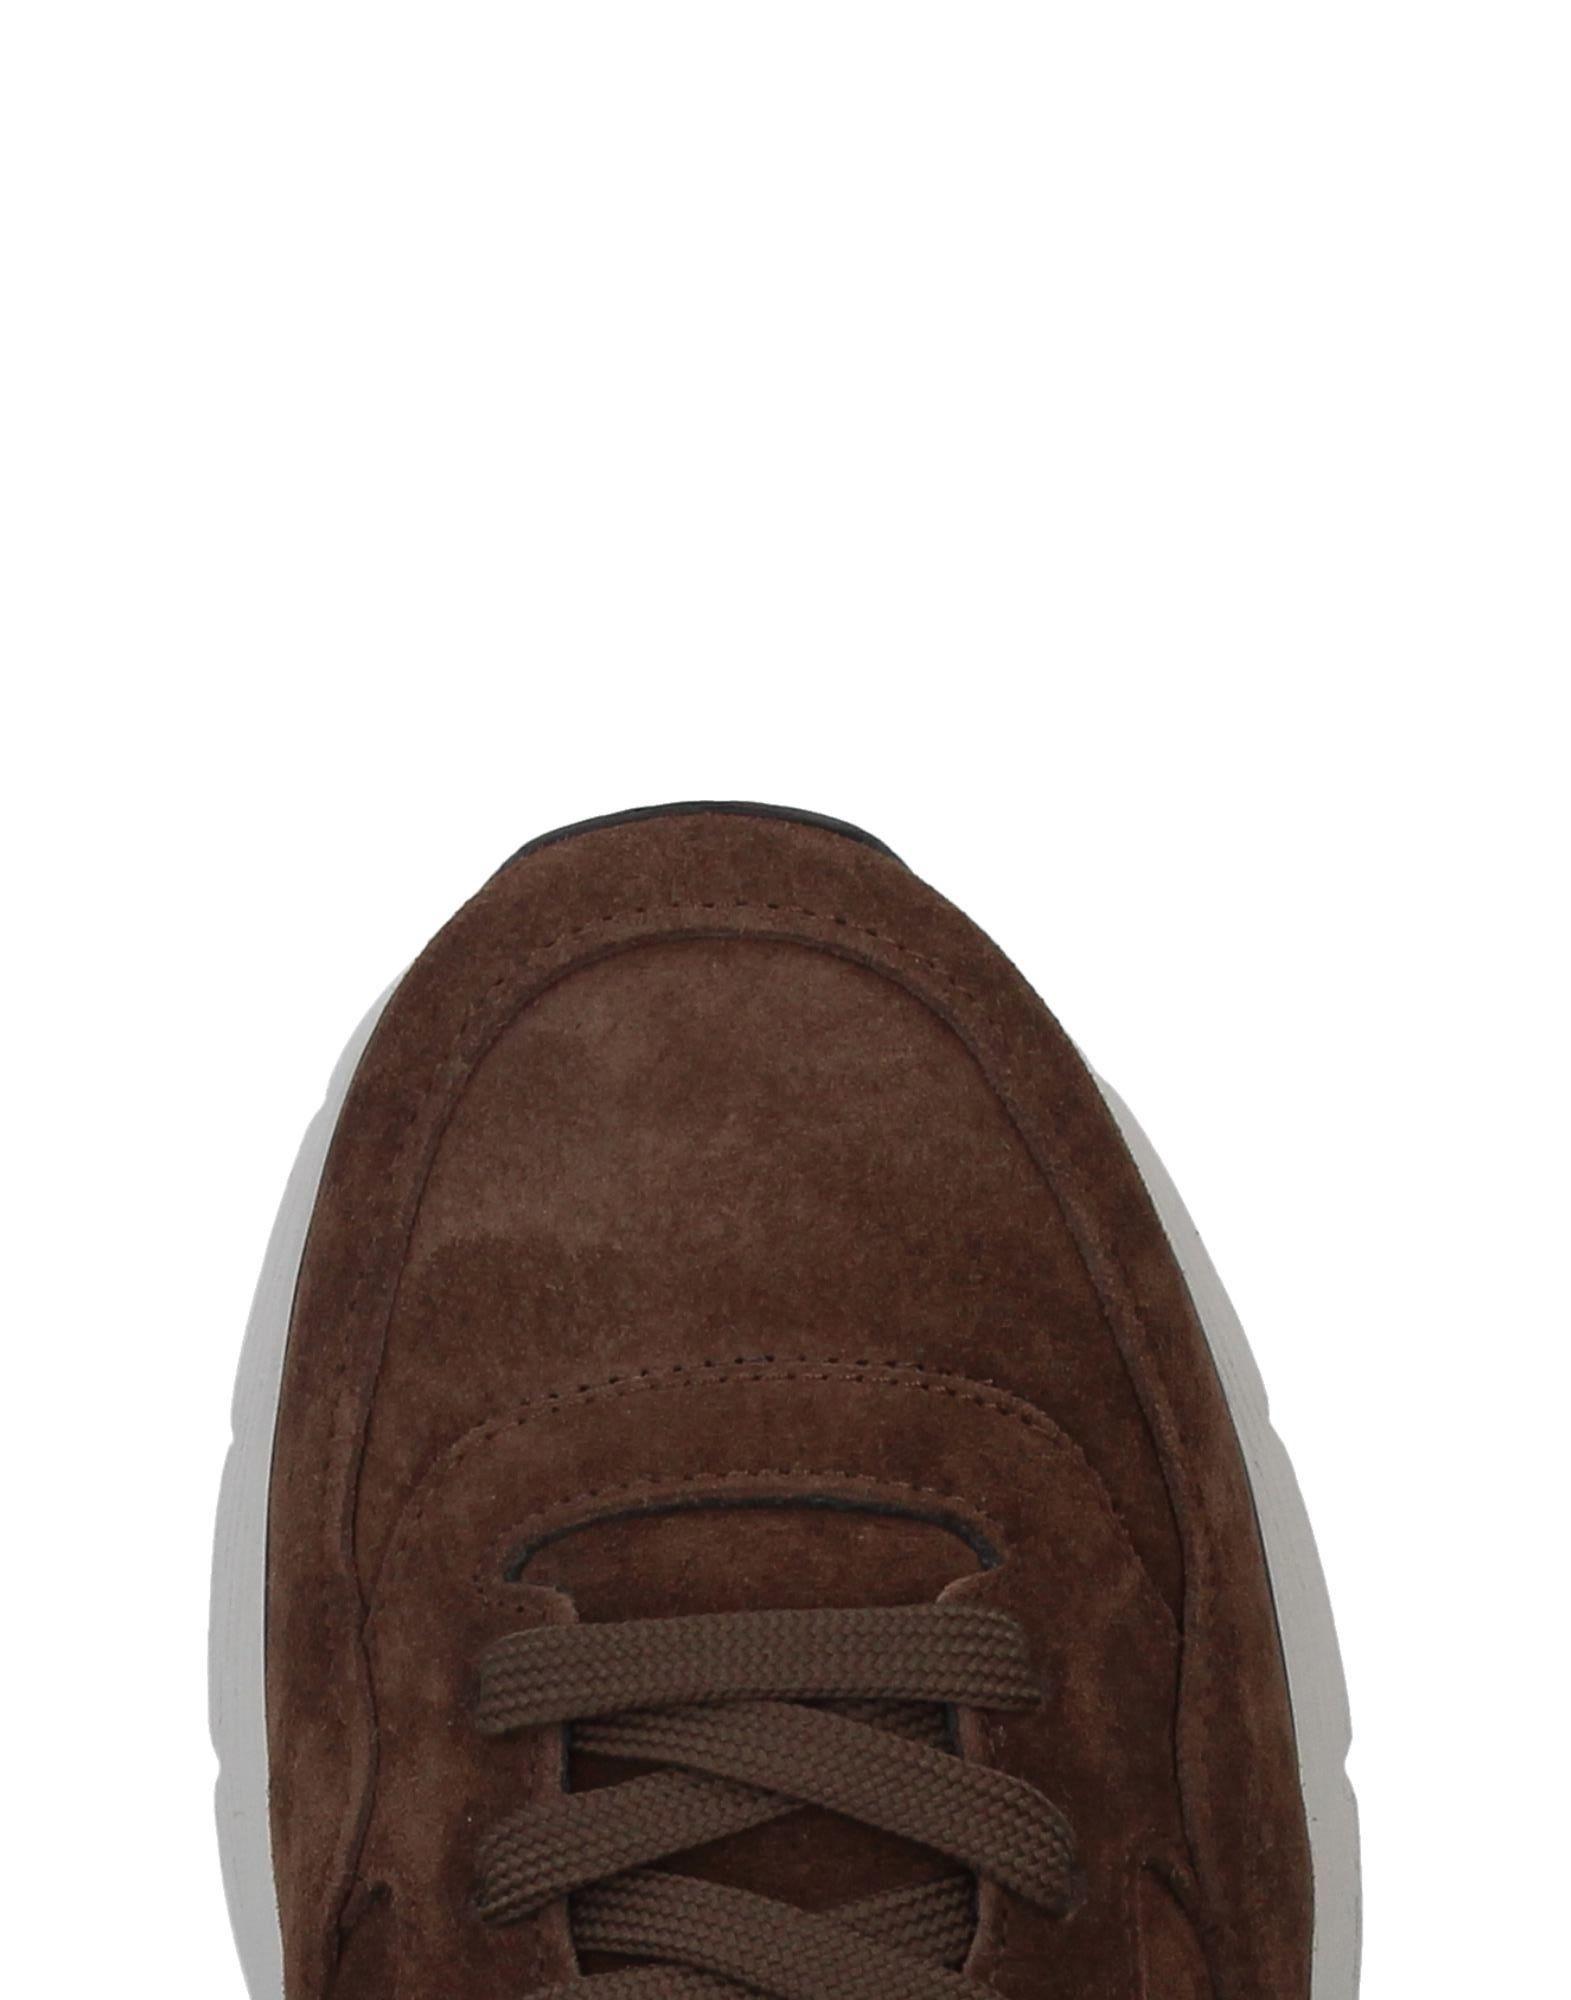 Hogan Sneakers es Herren Gutes Preis-Leistungs-Verhältnis, es Sneakers lohnt sich 20945 3b651f